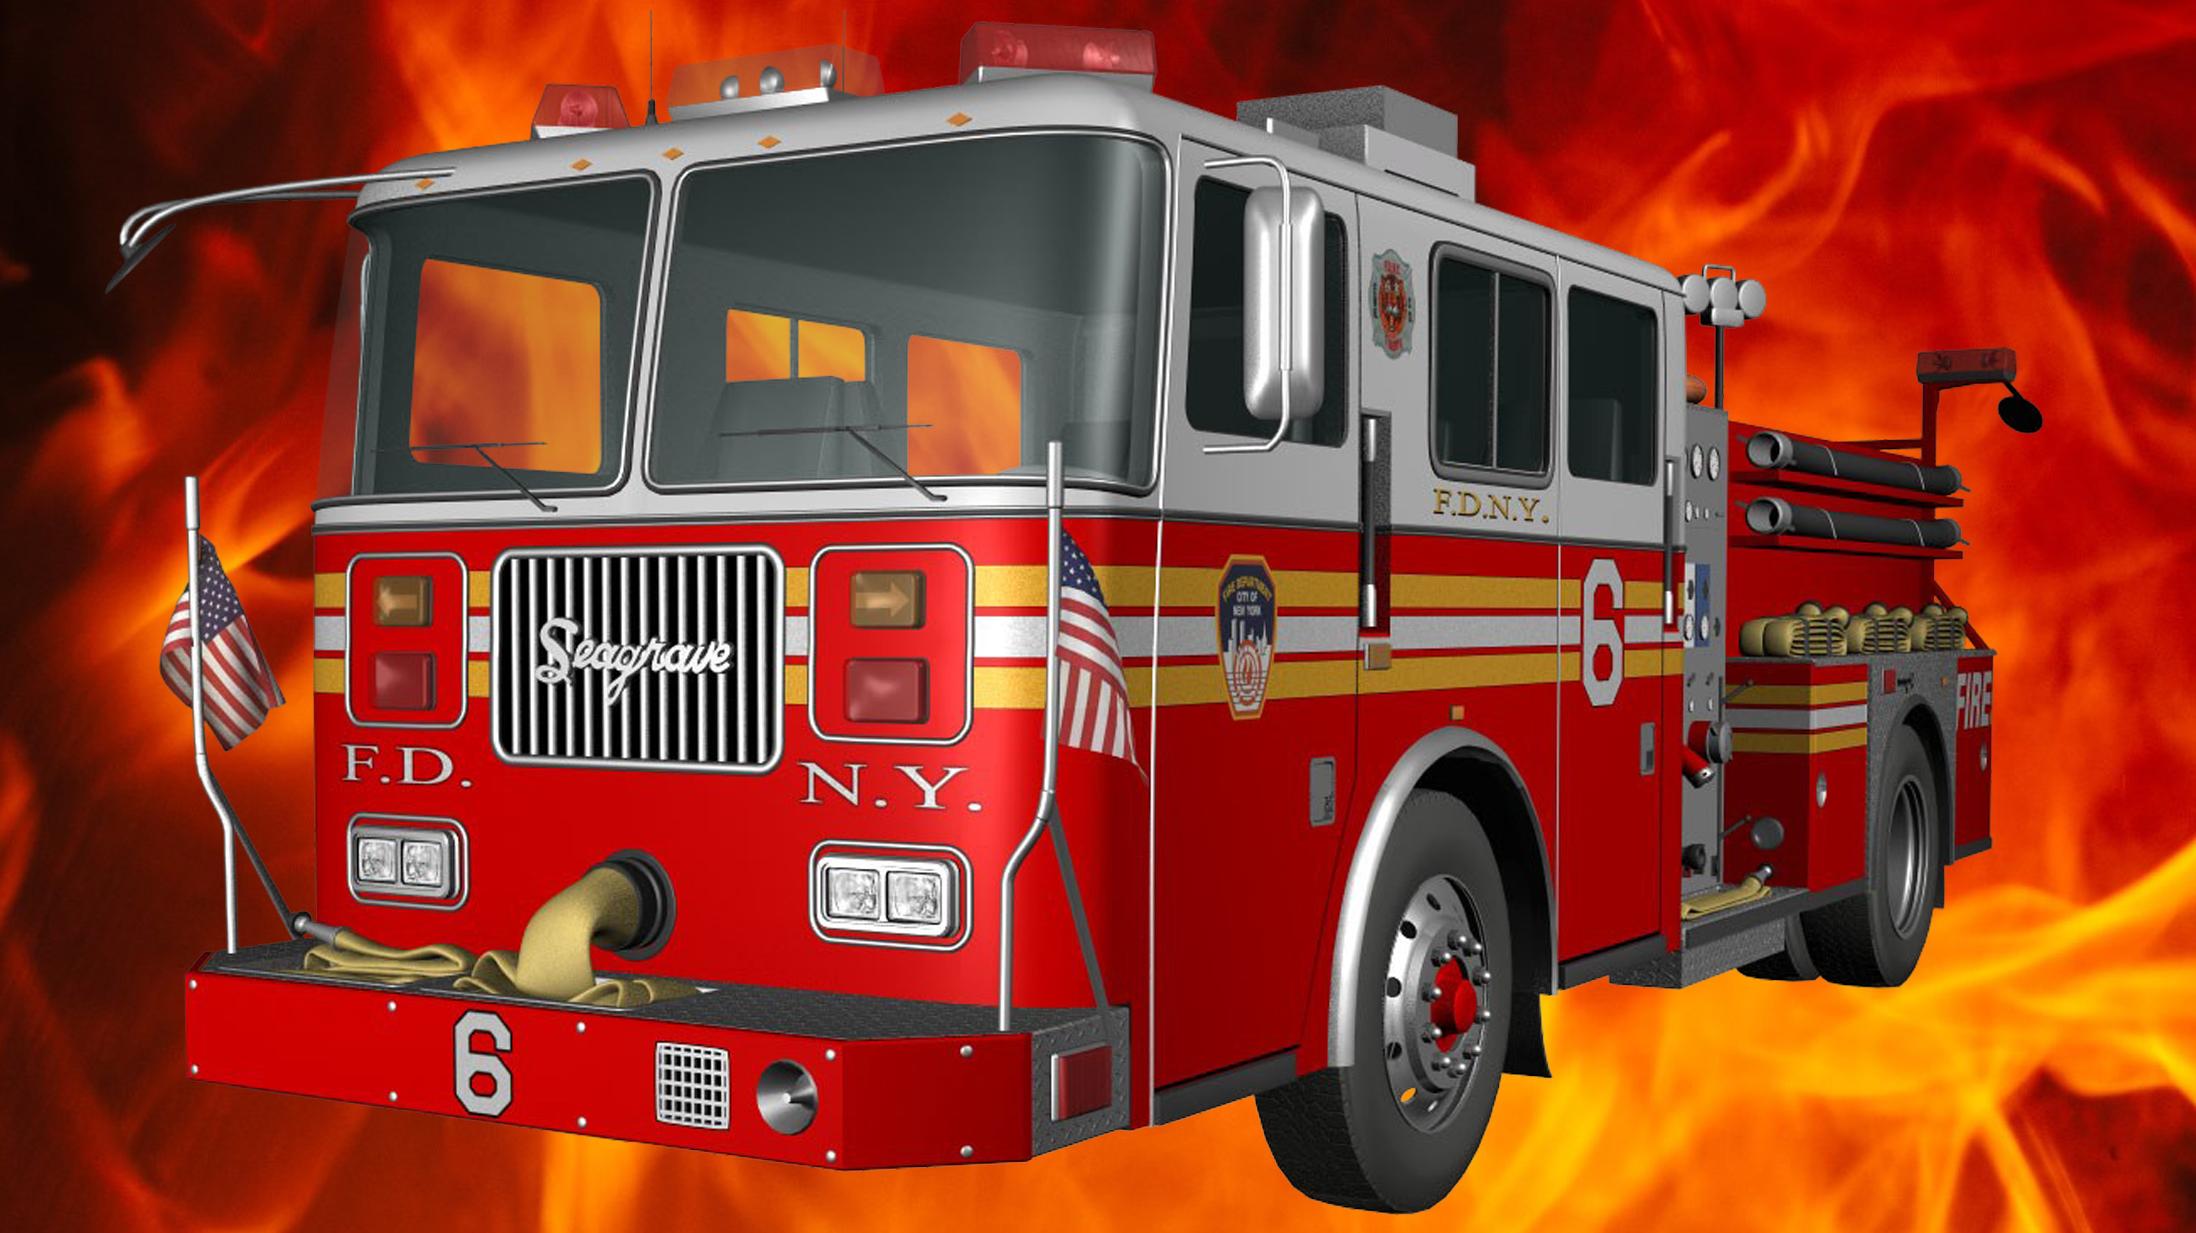 Fire Truck_1452570600809.jpg